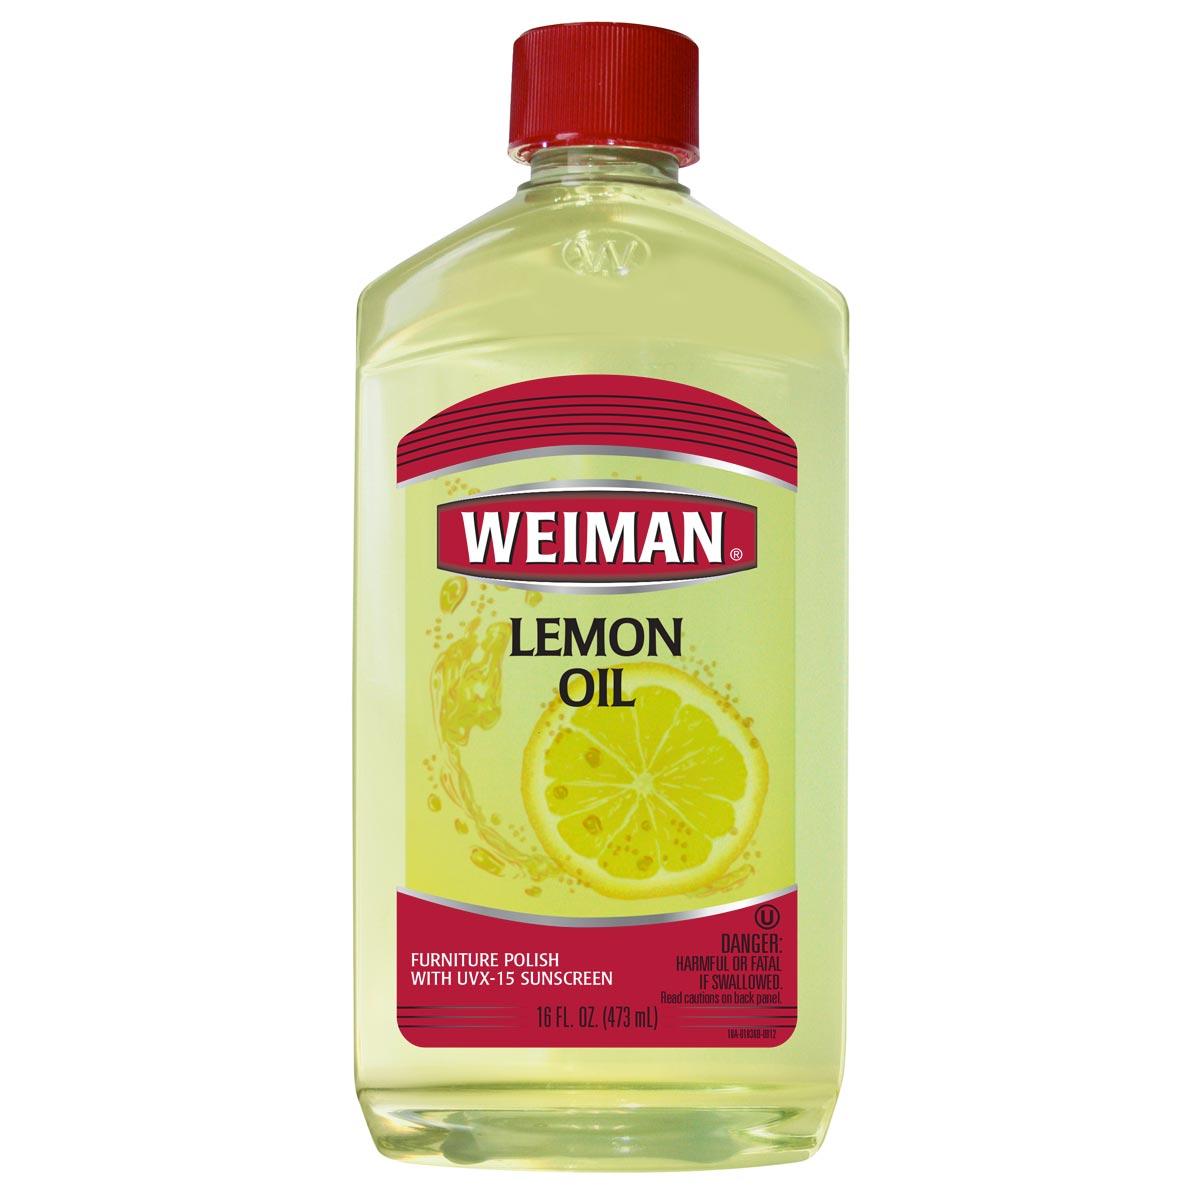 Weiman Lemon Oil for furniture